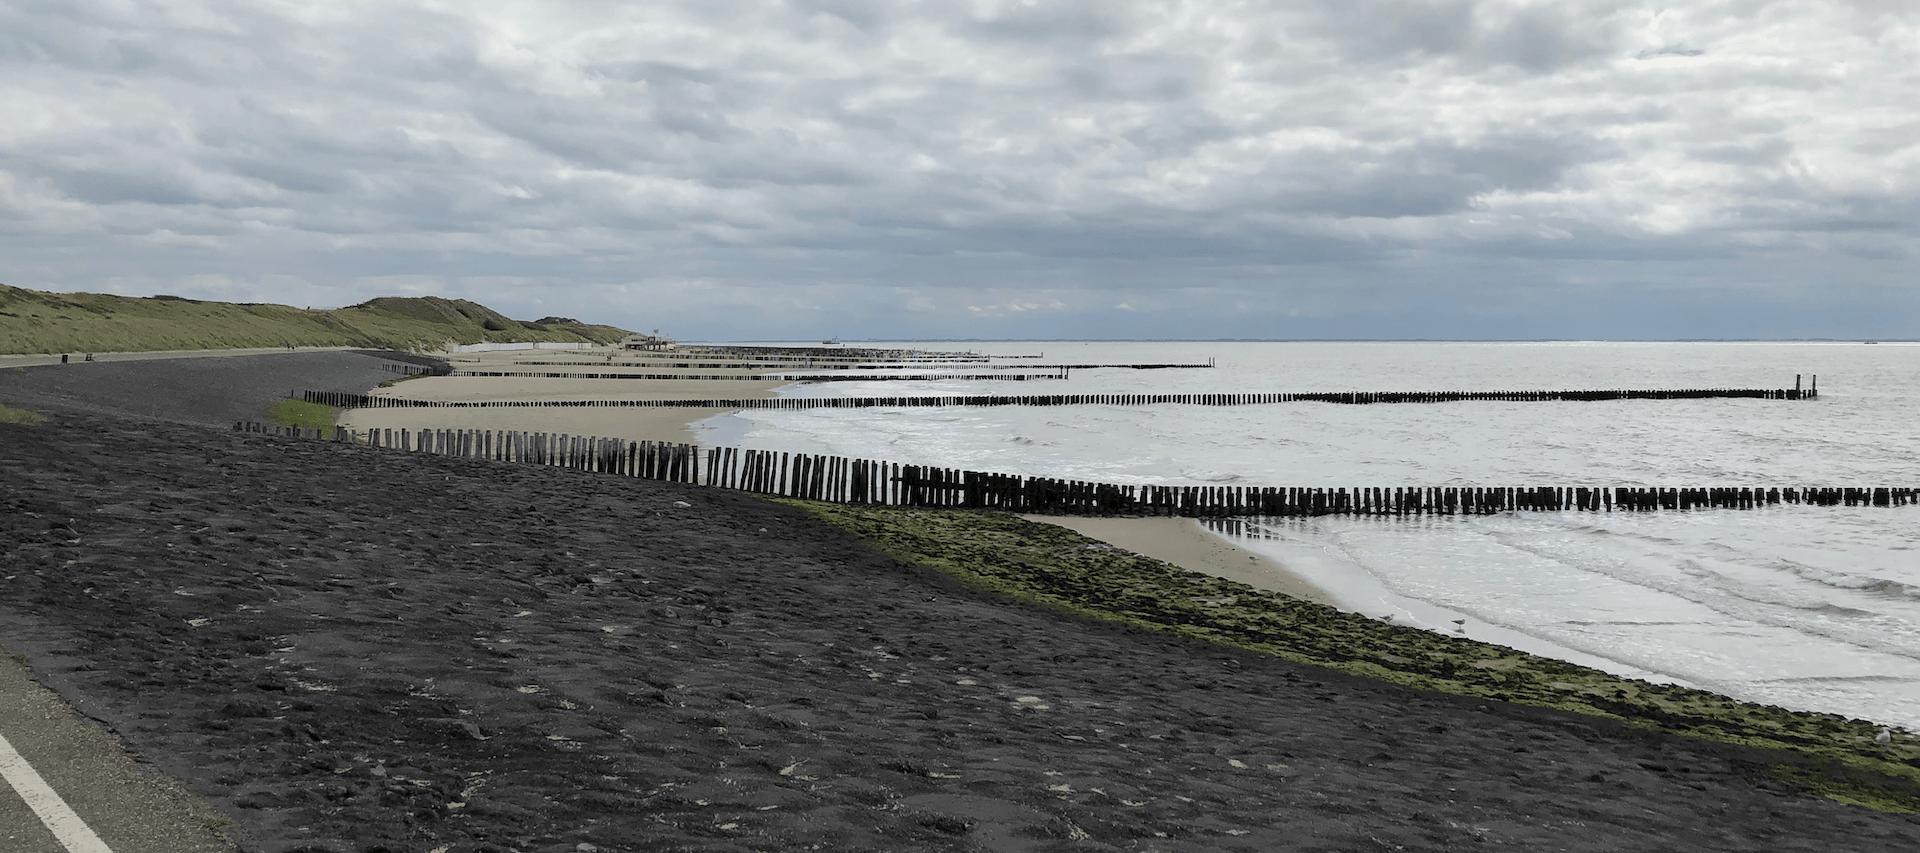 NeckarVan_Beach-min-min